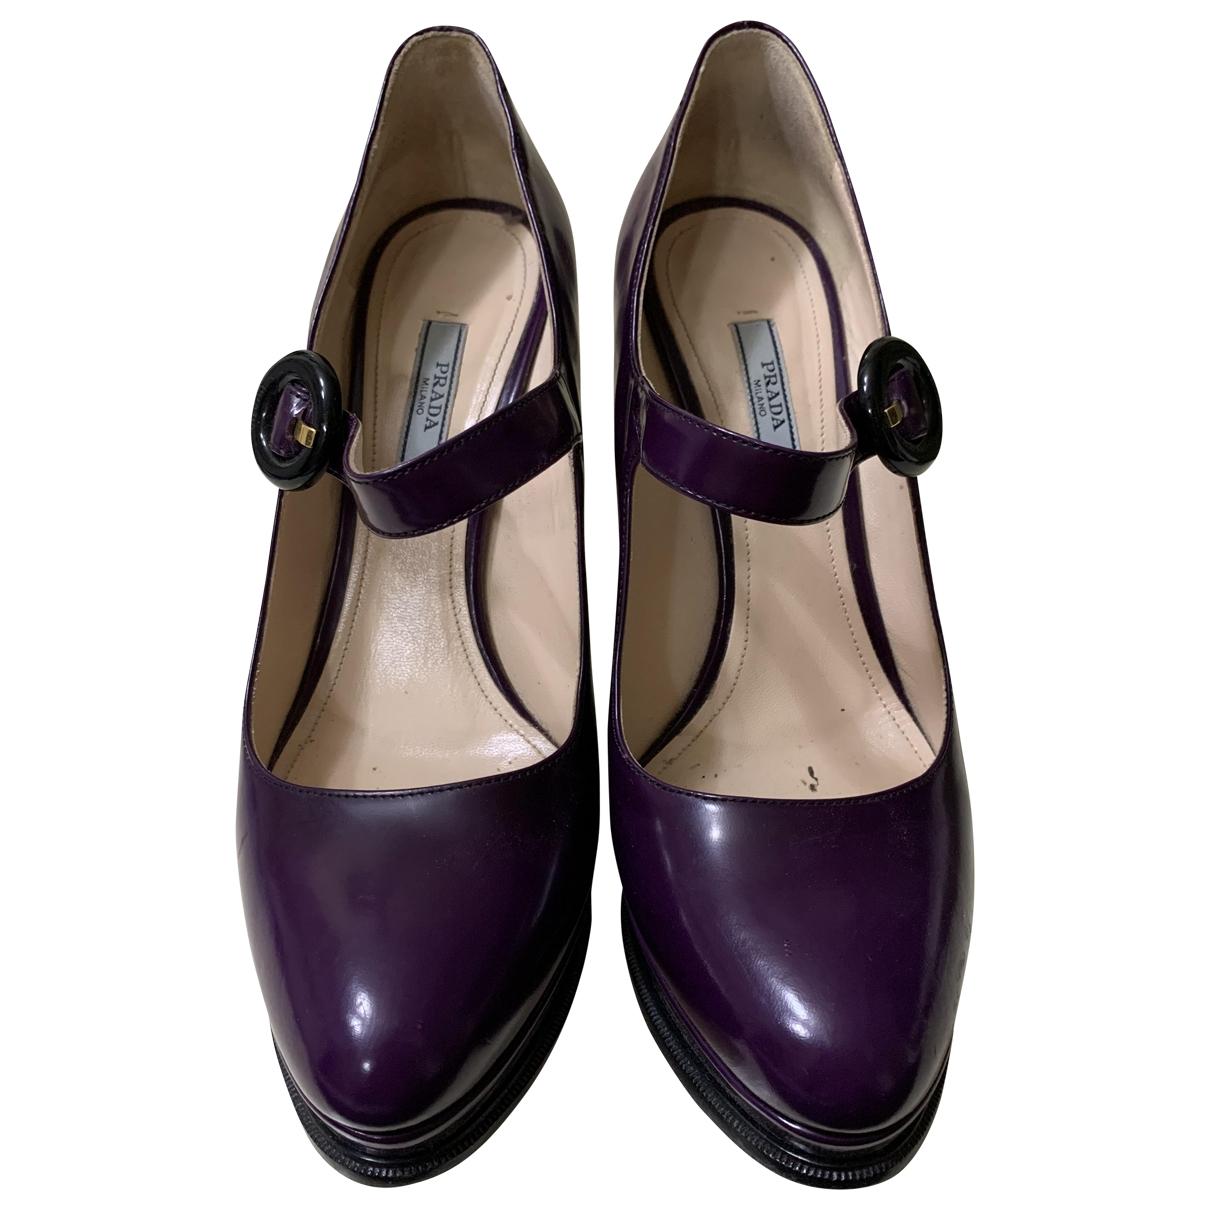 Prada - Escarpins Mary Jane pour femme en cuir - violet